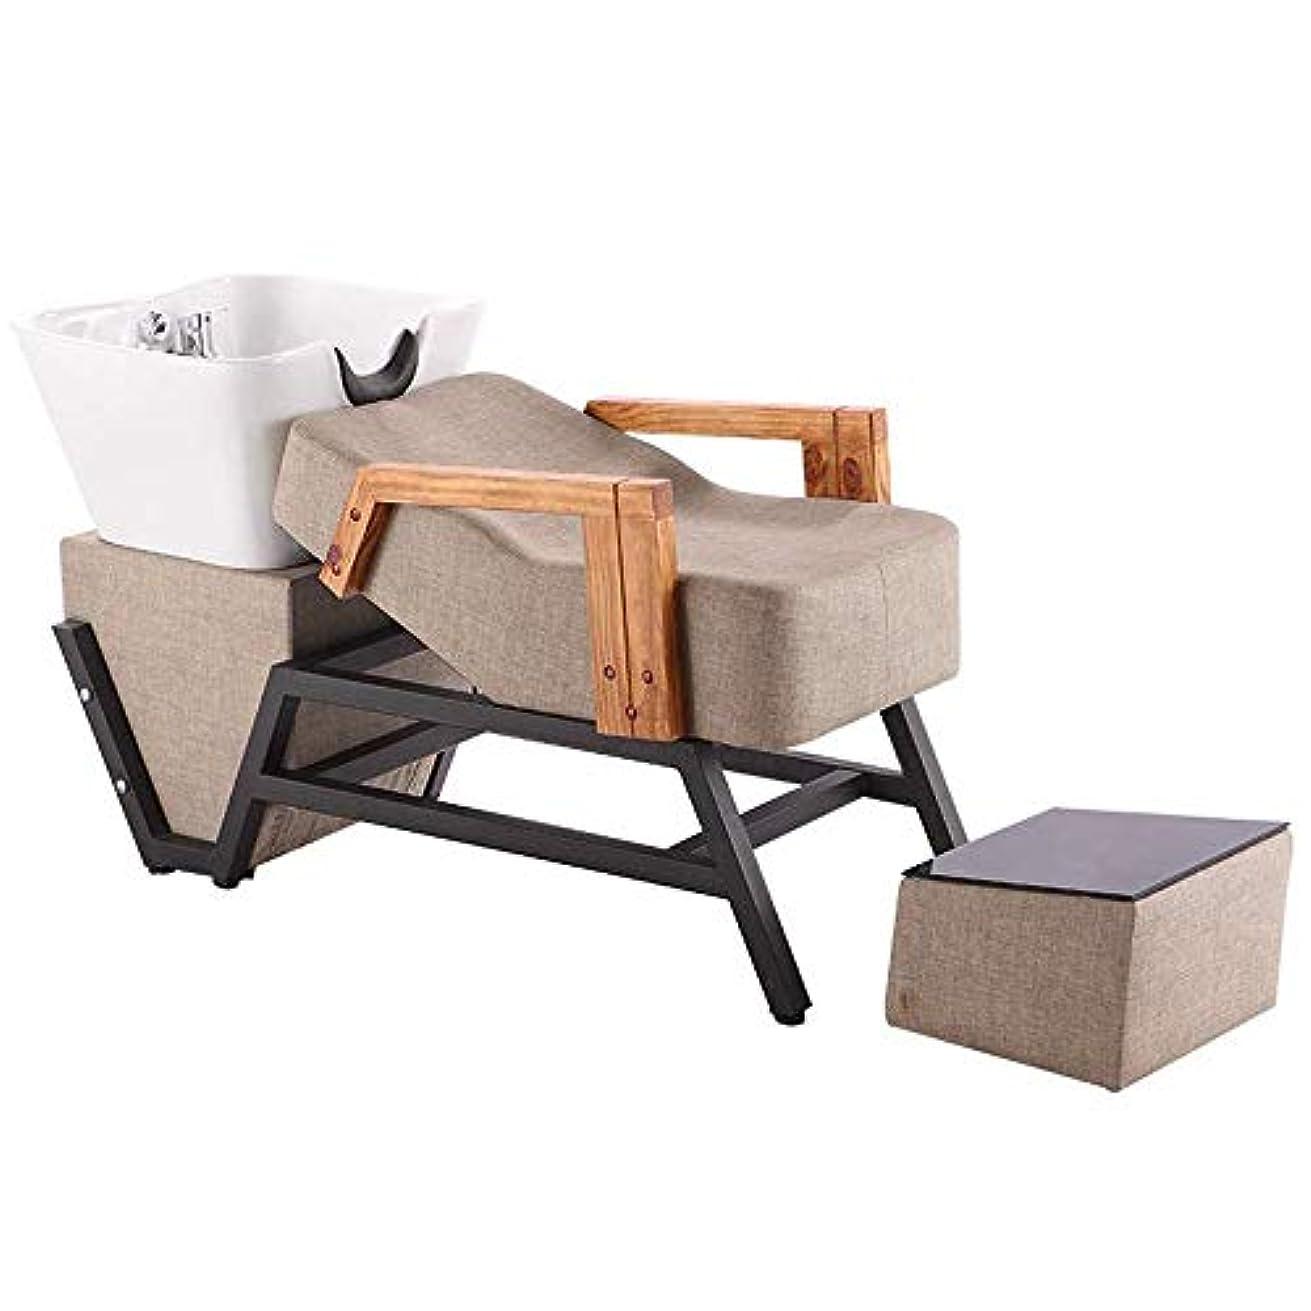 説得力のある昇進同等のサロン用シャンプー椅子とボウル、 サロンボウルシャンプーシンク逆洗椅子理髪美容スパ機器 ッド理髪店専用